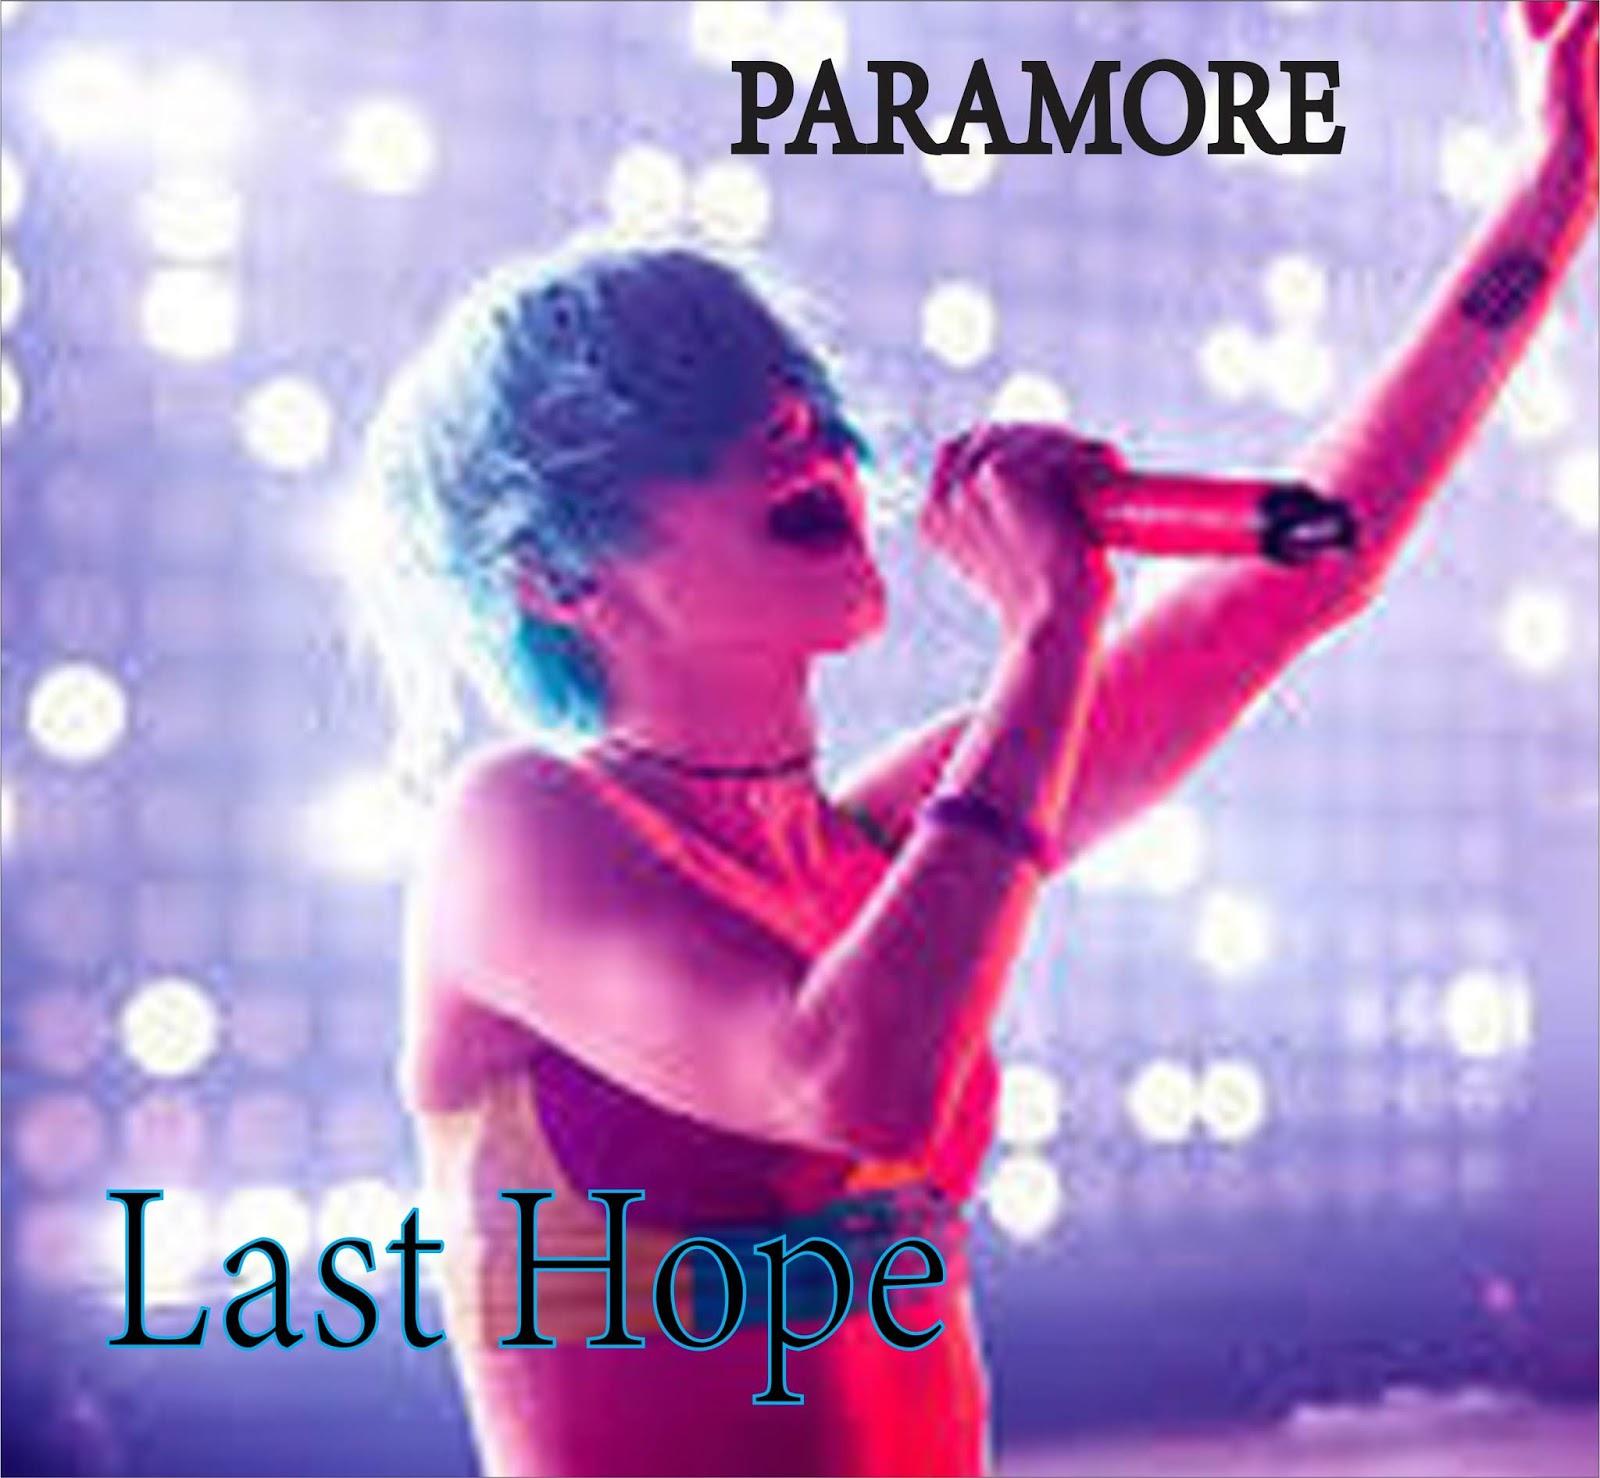 Paramore - Last Hope (Lyrics + Chord) - MyFourTen 4G Hobbies